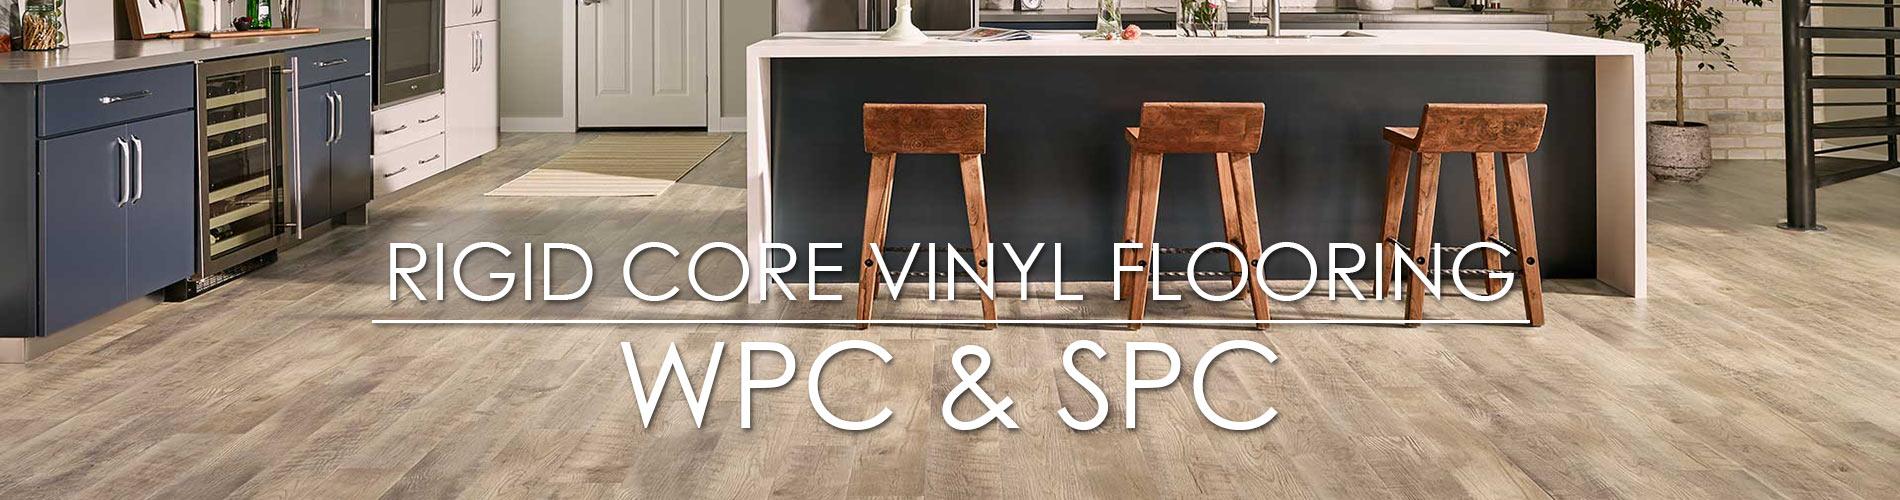 Rigid Core Luxury Vinyl: WPC & SPC